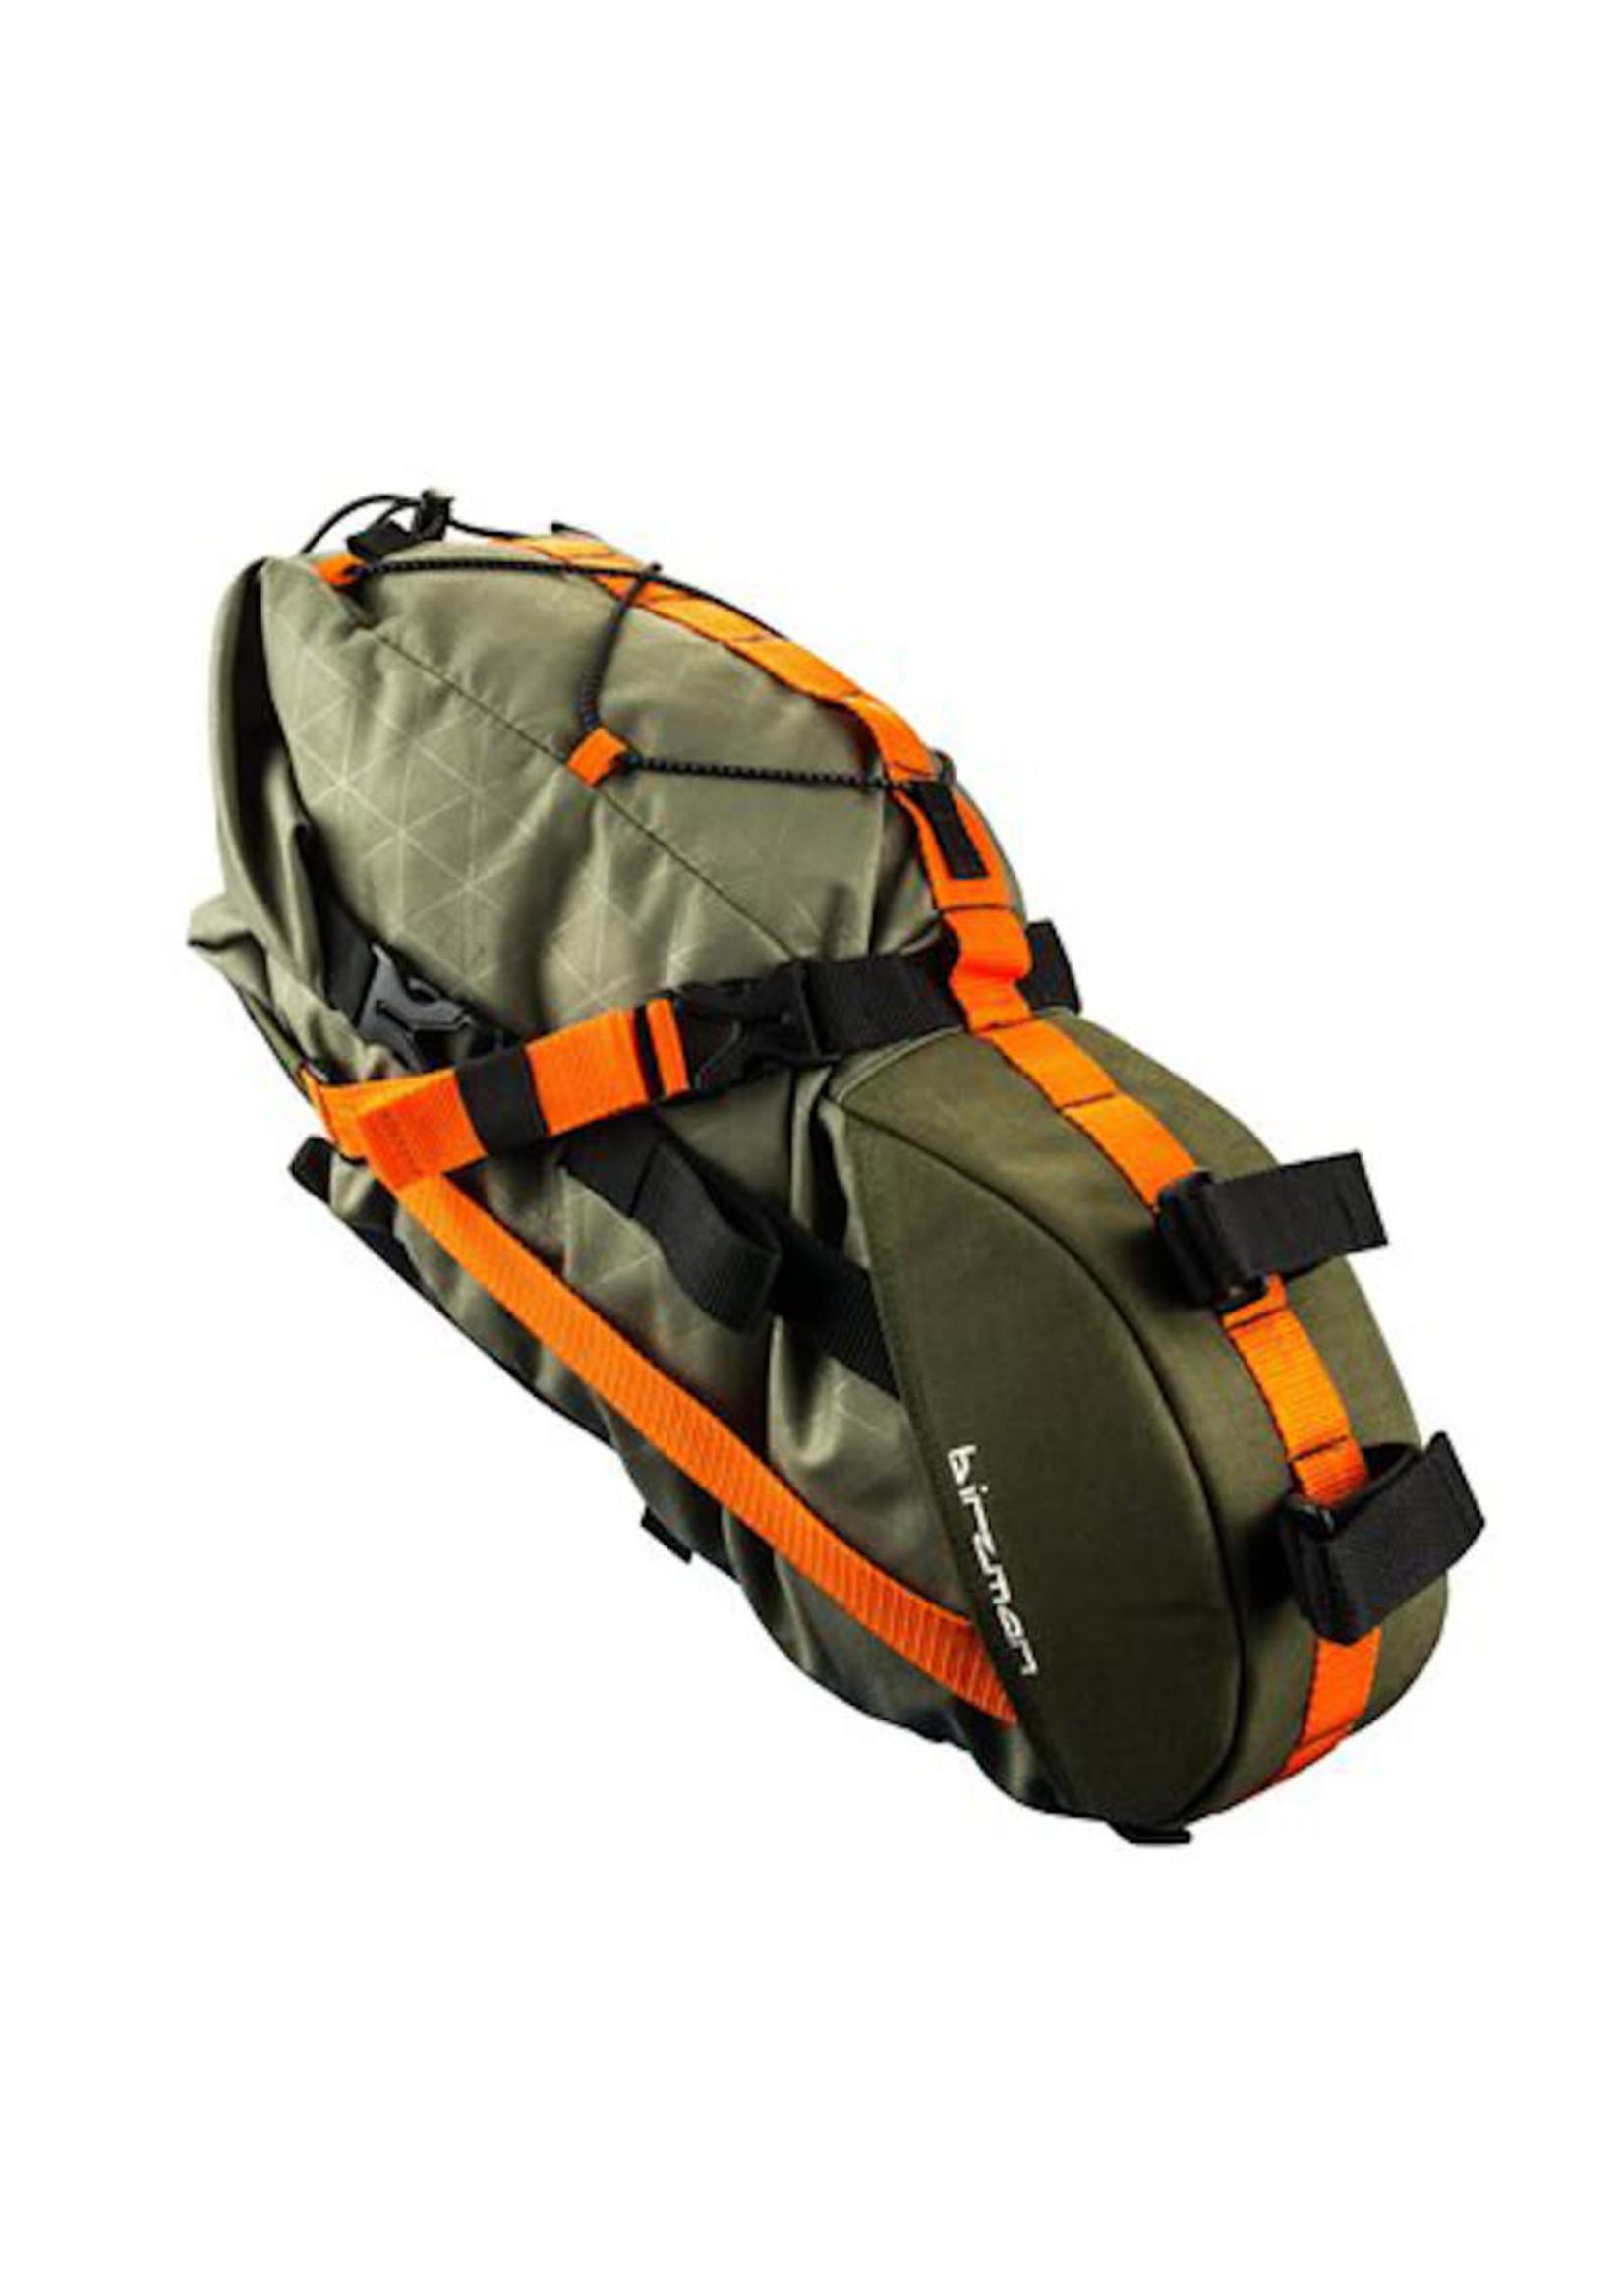 Birzman - Packman Travel, Sac de selle, 6L